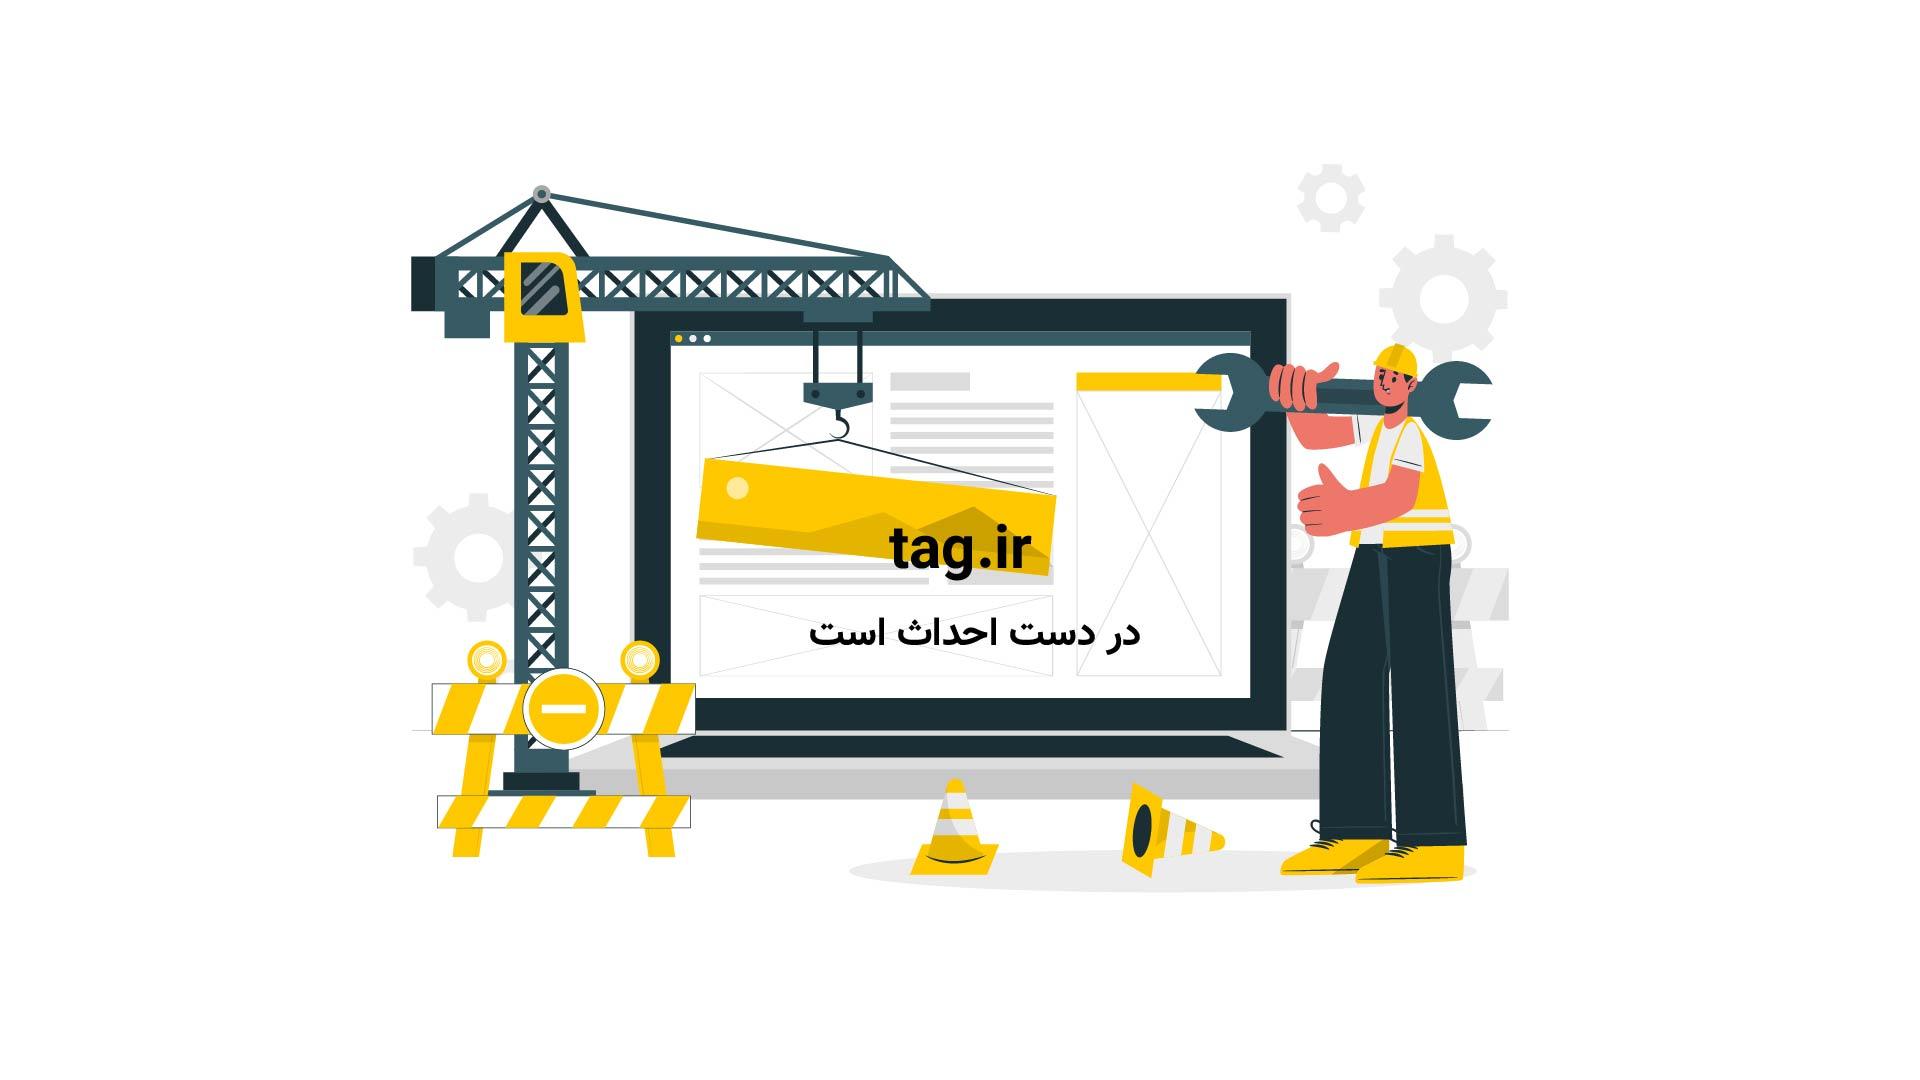 نبرد شیرهای نر برای تصاحب جفت   فیلم